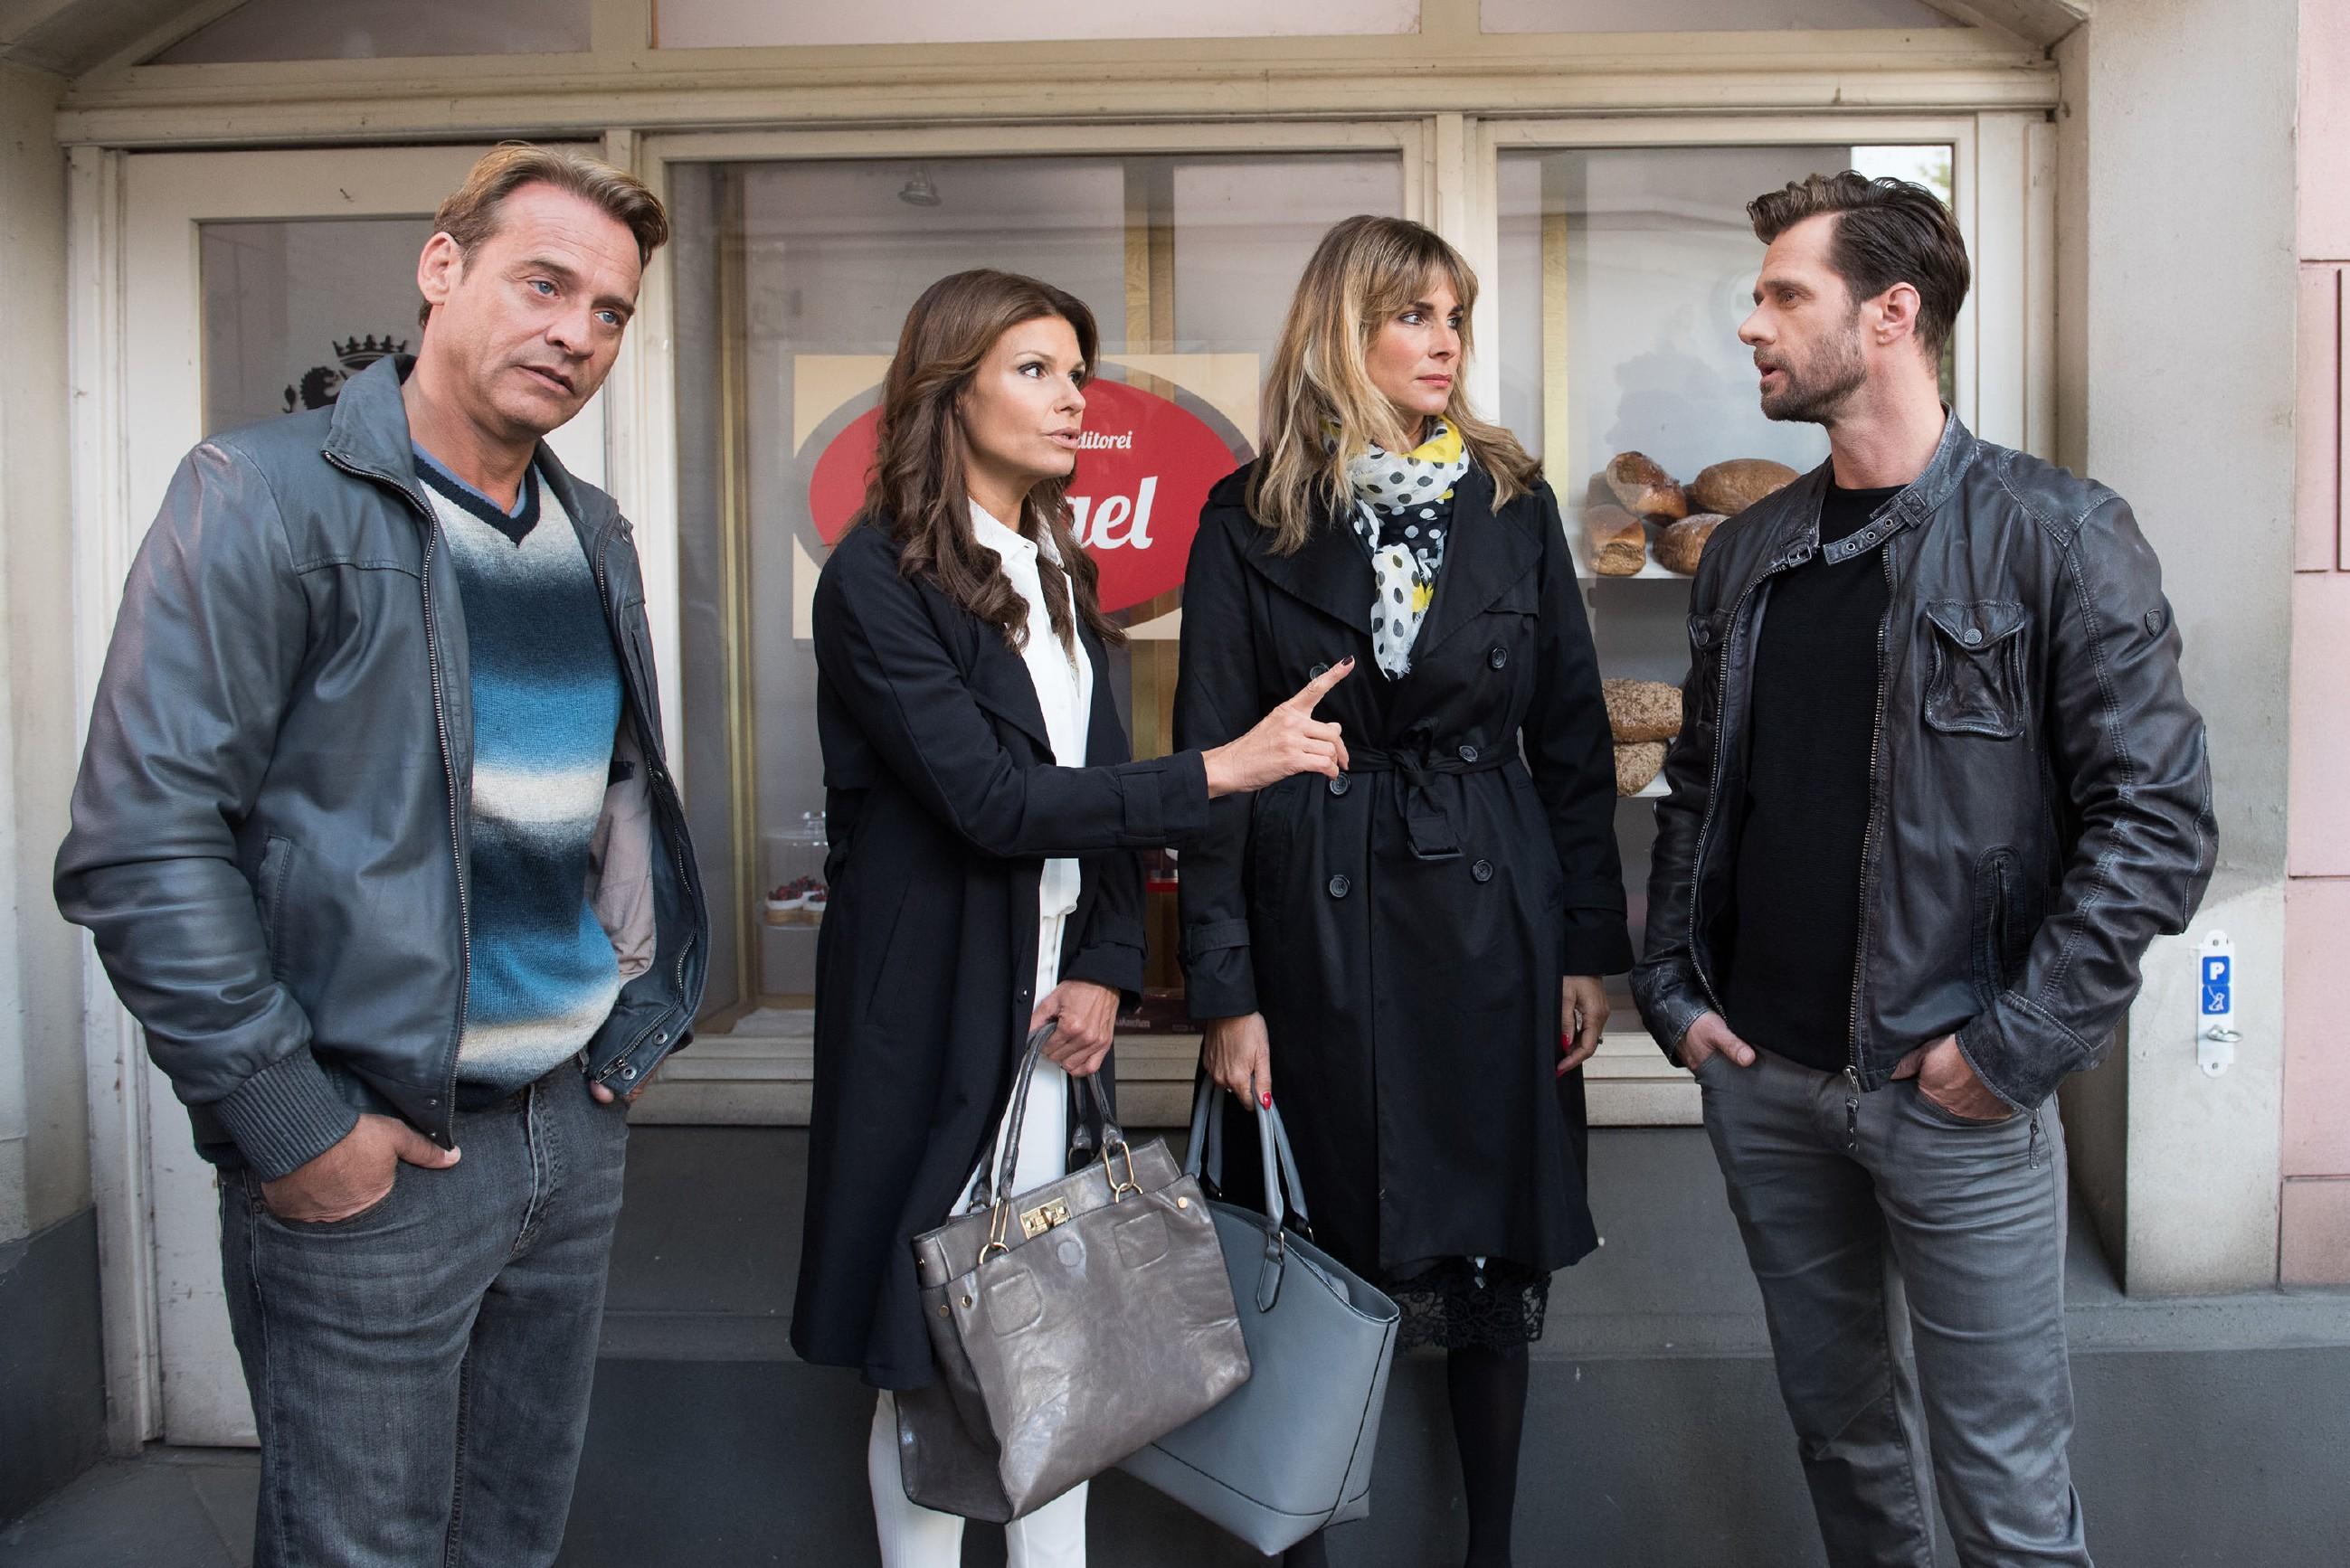 Rufus (Kai Noll, l.), Britta (Tabea Heynig, 2.v.l.) und Eva (Claudelle Deckert) versuchen den fassungslosen Henning (Benjamin Kiss) davon zu überzeugen, dass er vor der Polizei eine Falschaussage macht. (Quelle: RTL / Stefan Behrens)